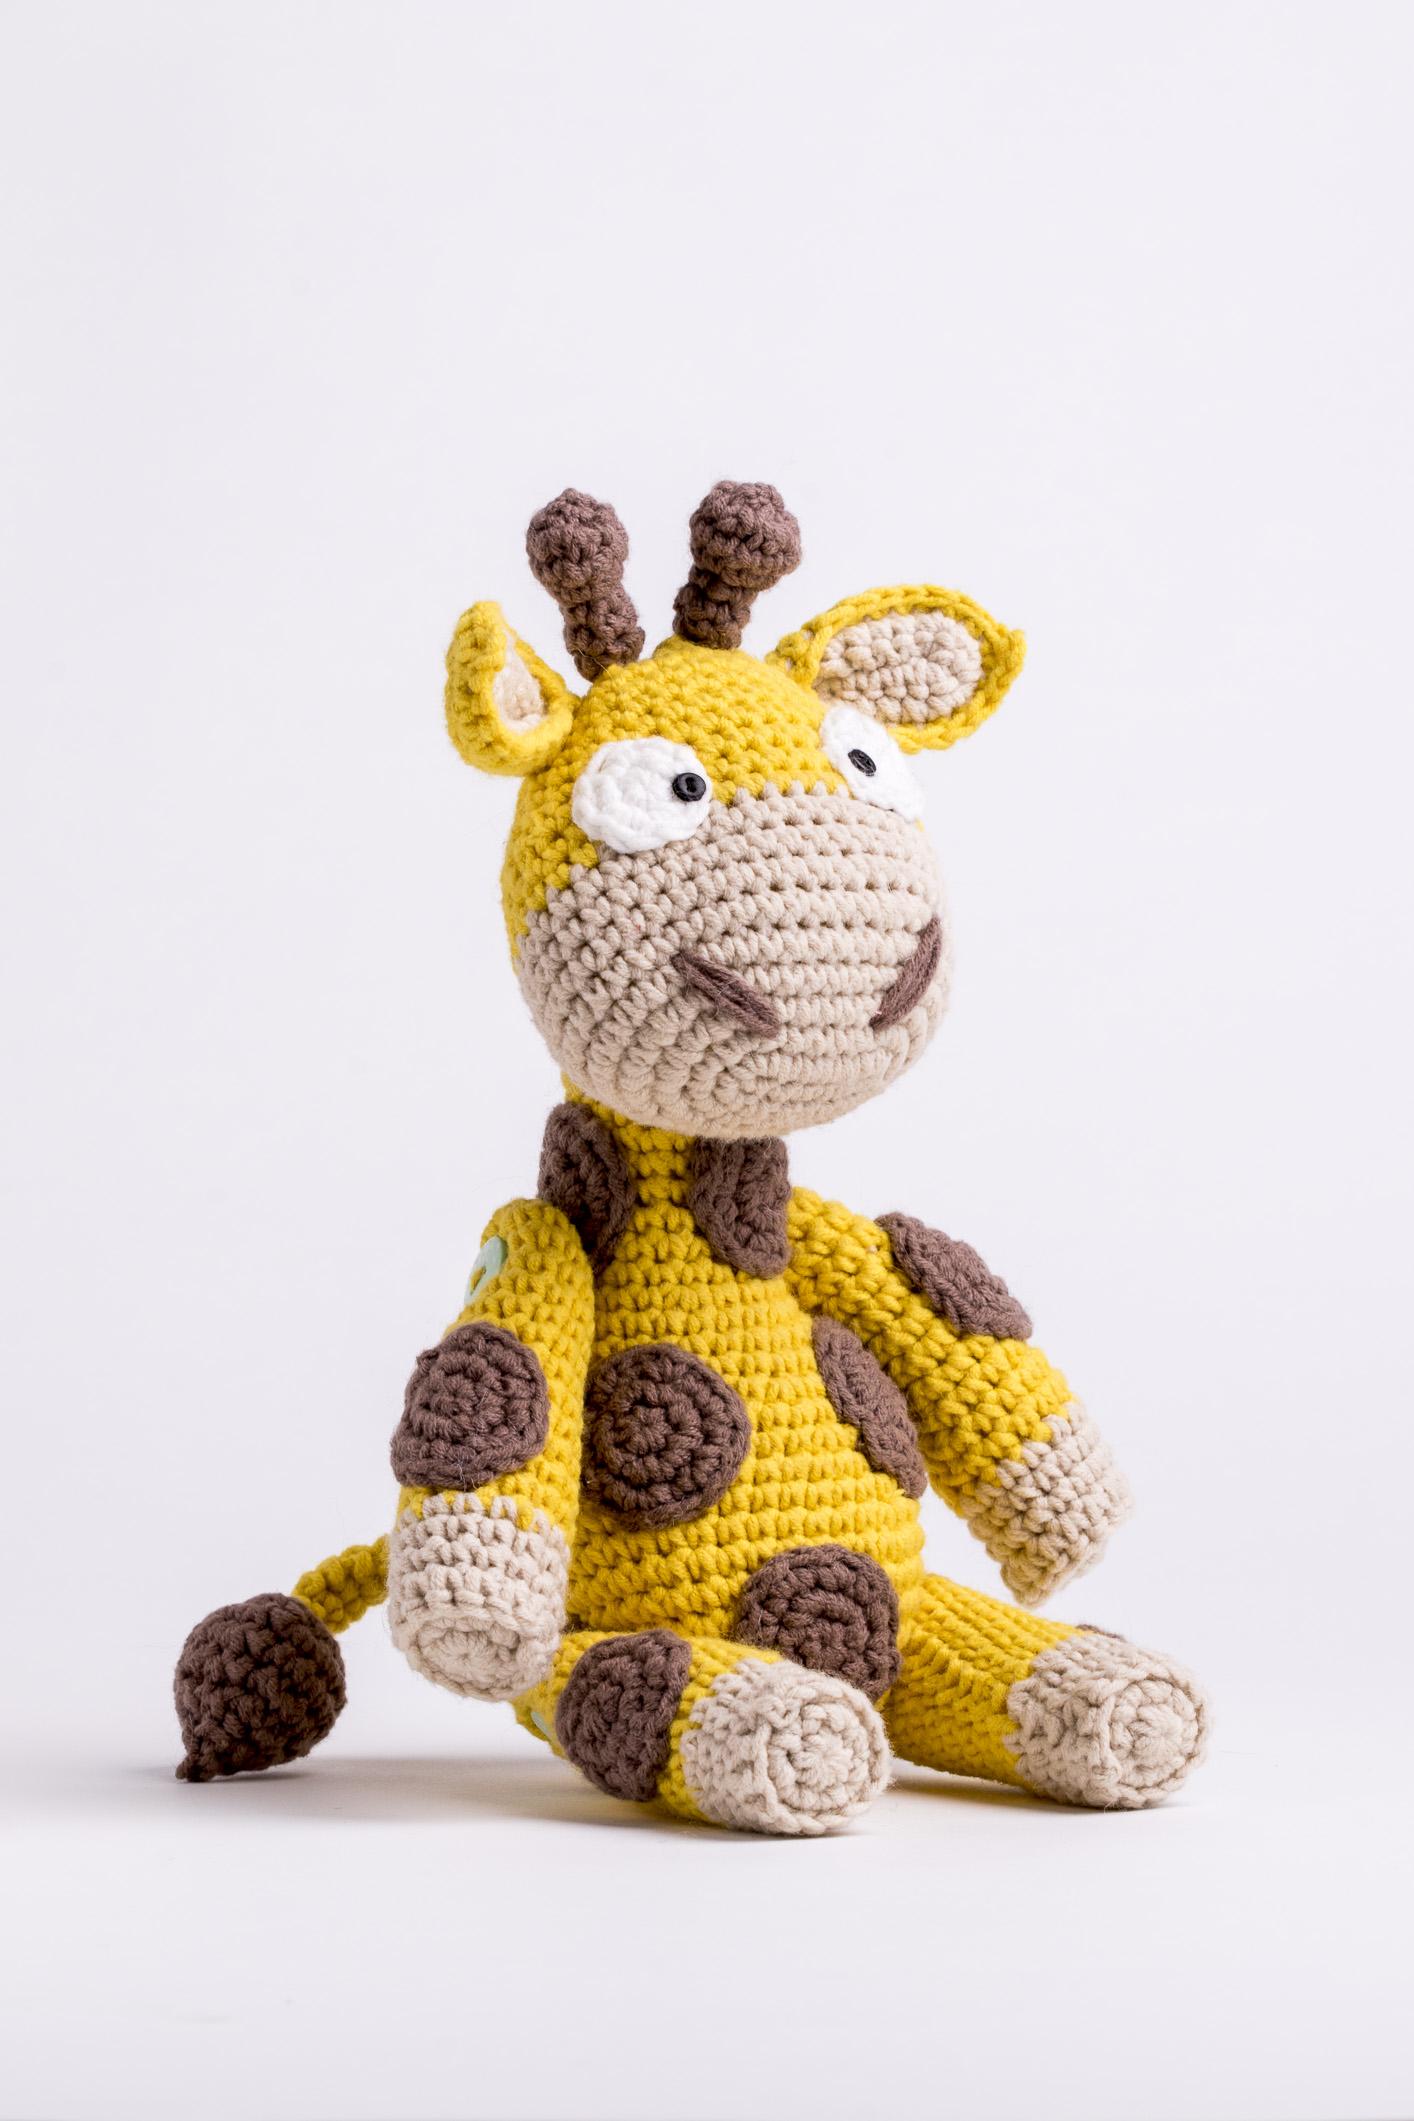 Peças confeccionadas em crochê, como a girafa Julia, podem ser personalizadas e se transformam em peças exclusivas para vender e presentear